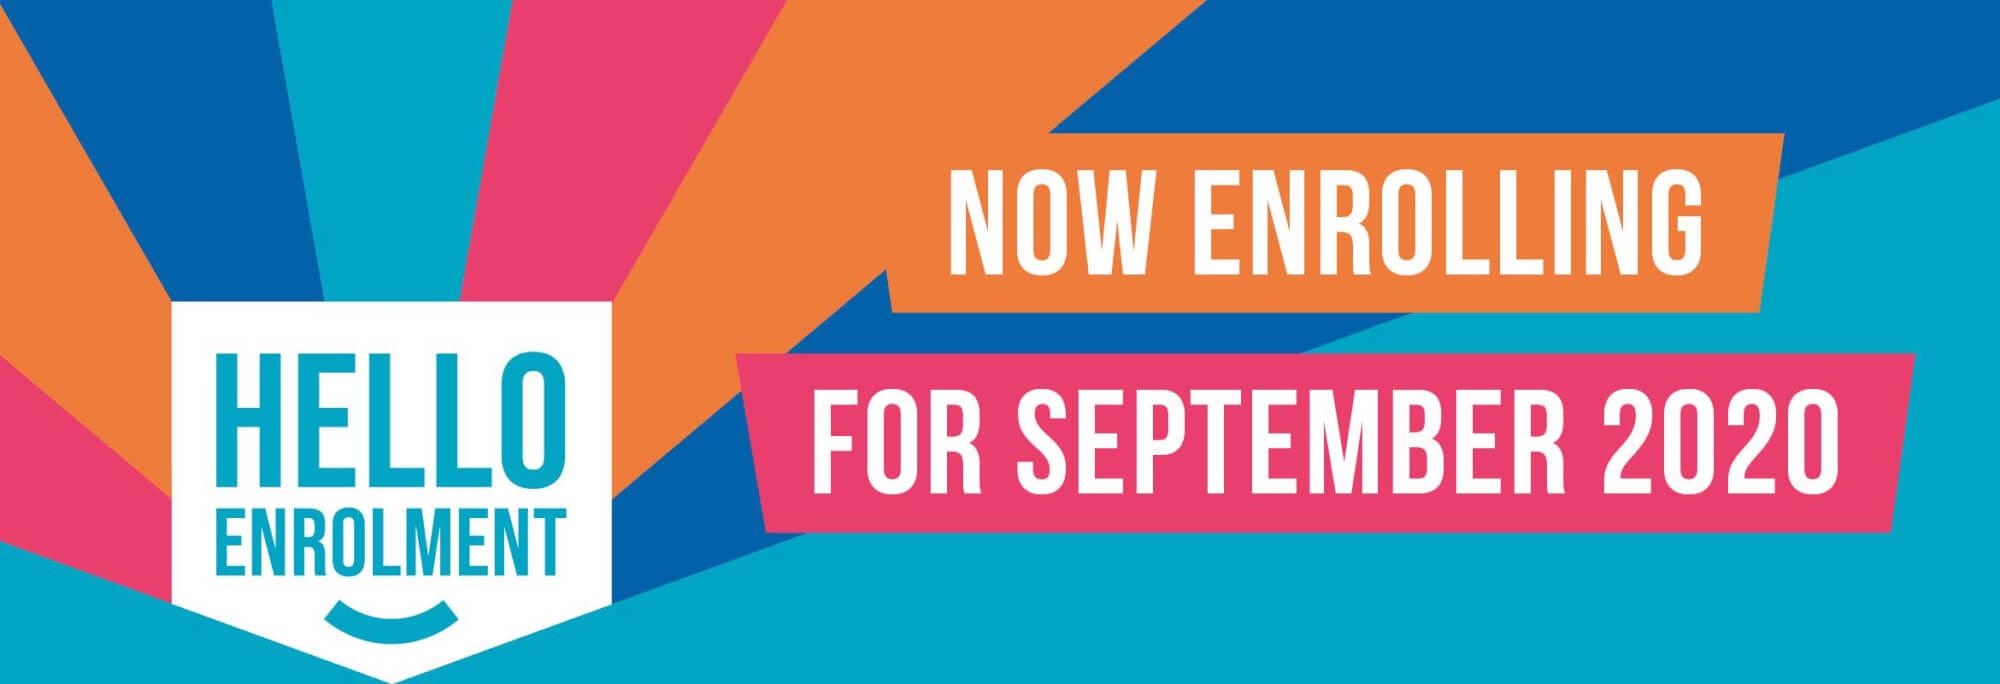 Now enrolling for September 2020